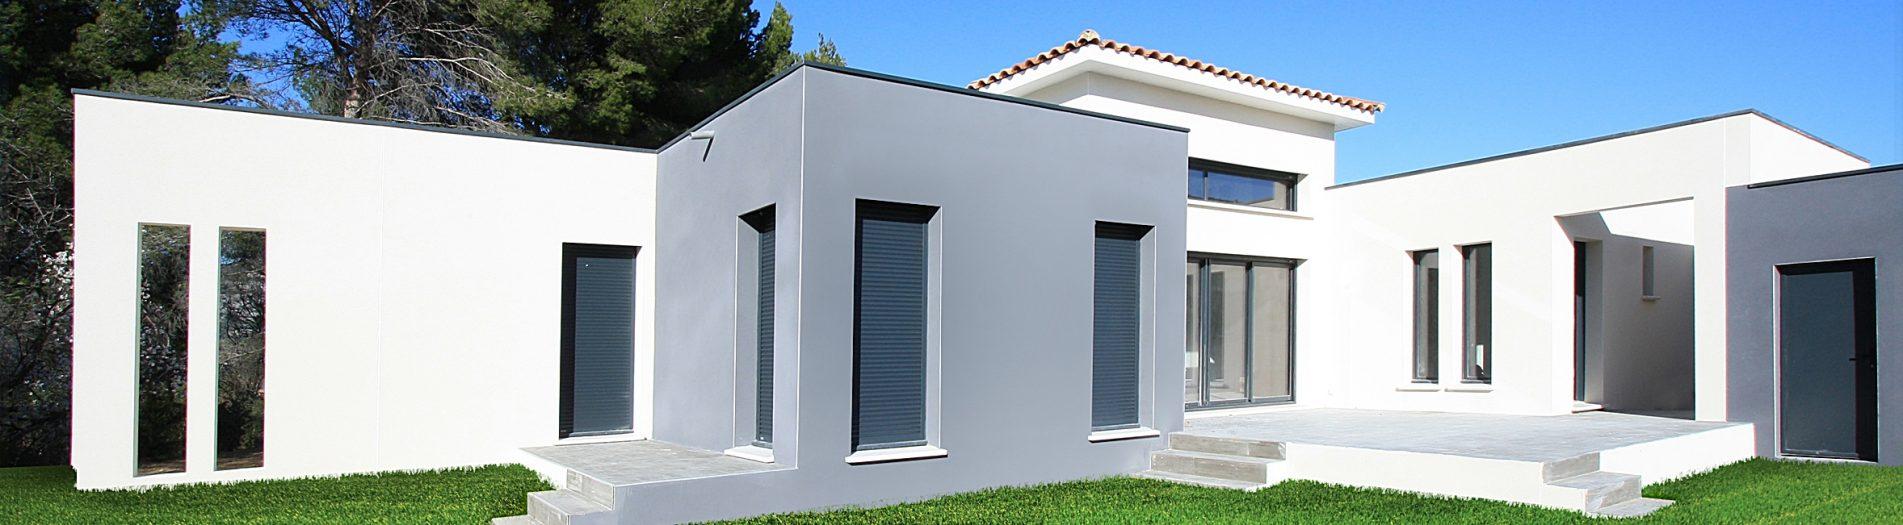 Best maison moderne constructeur photos awesome interior for Constructeur maison individuelle nord pas de calais